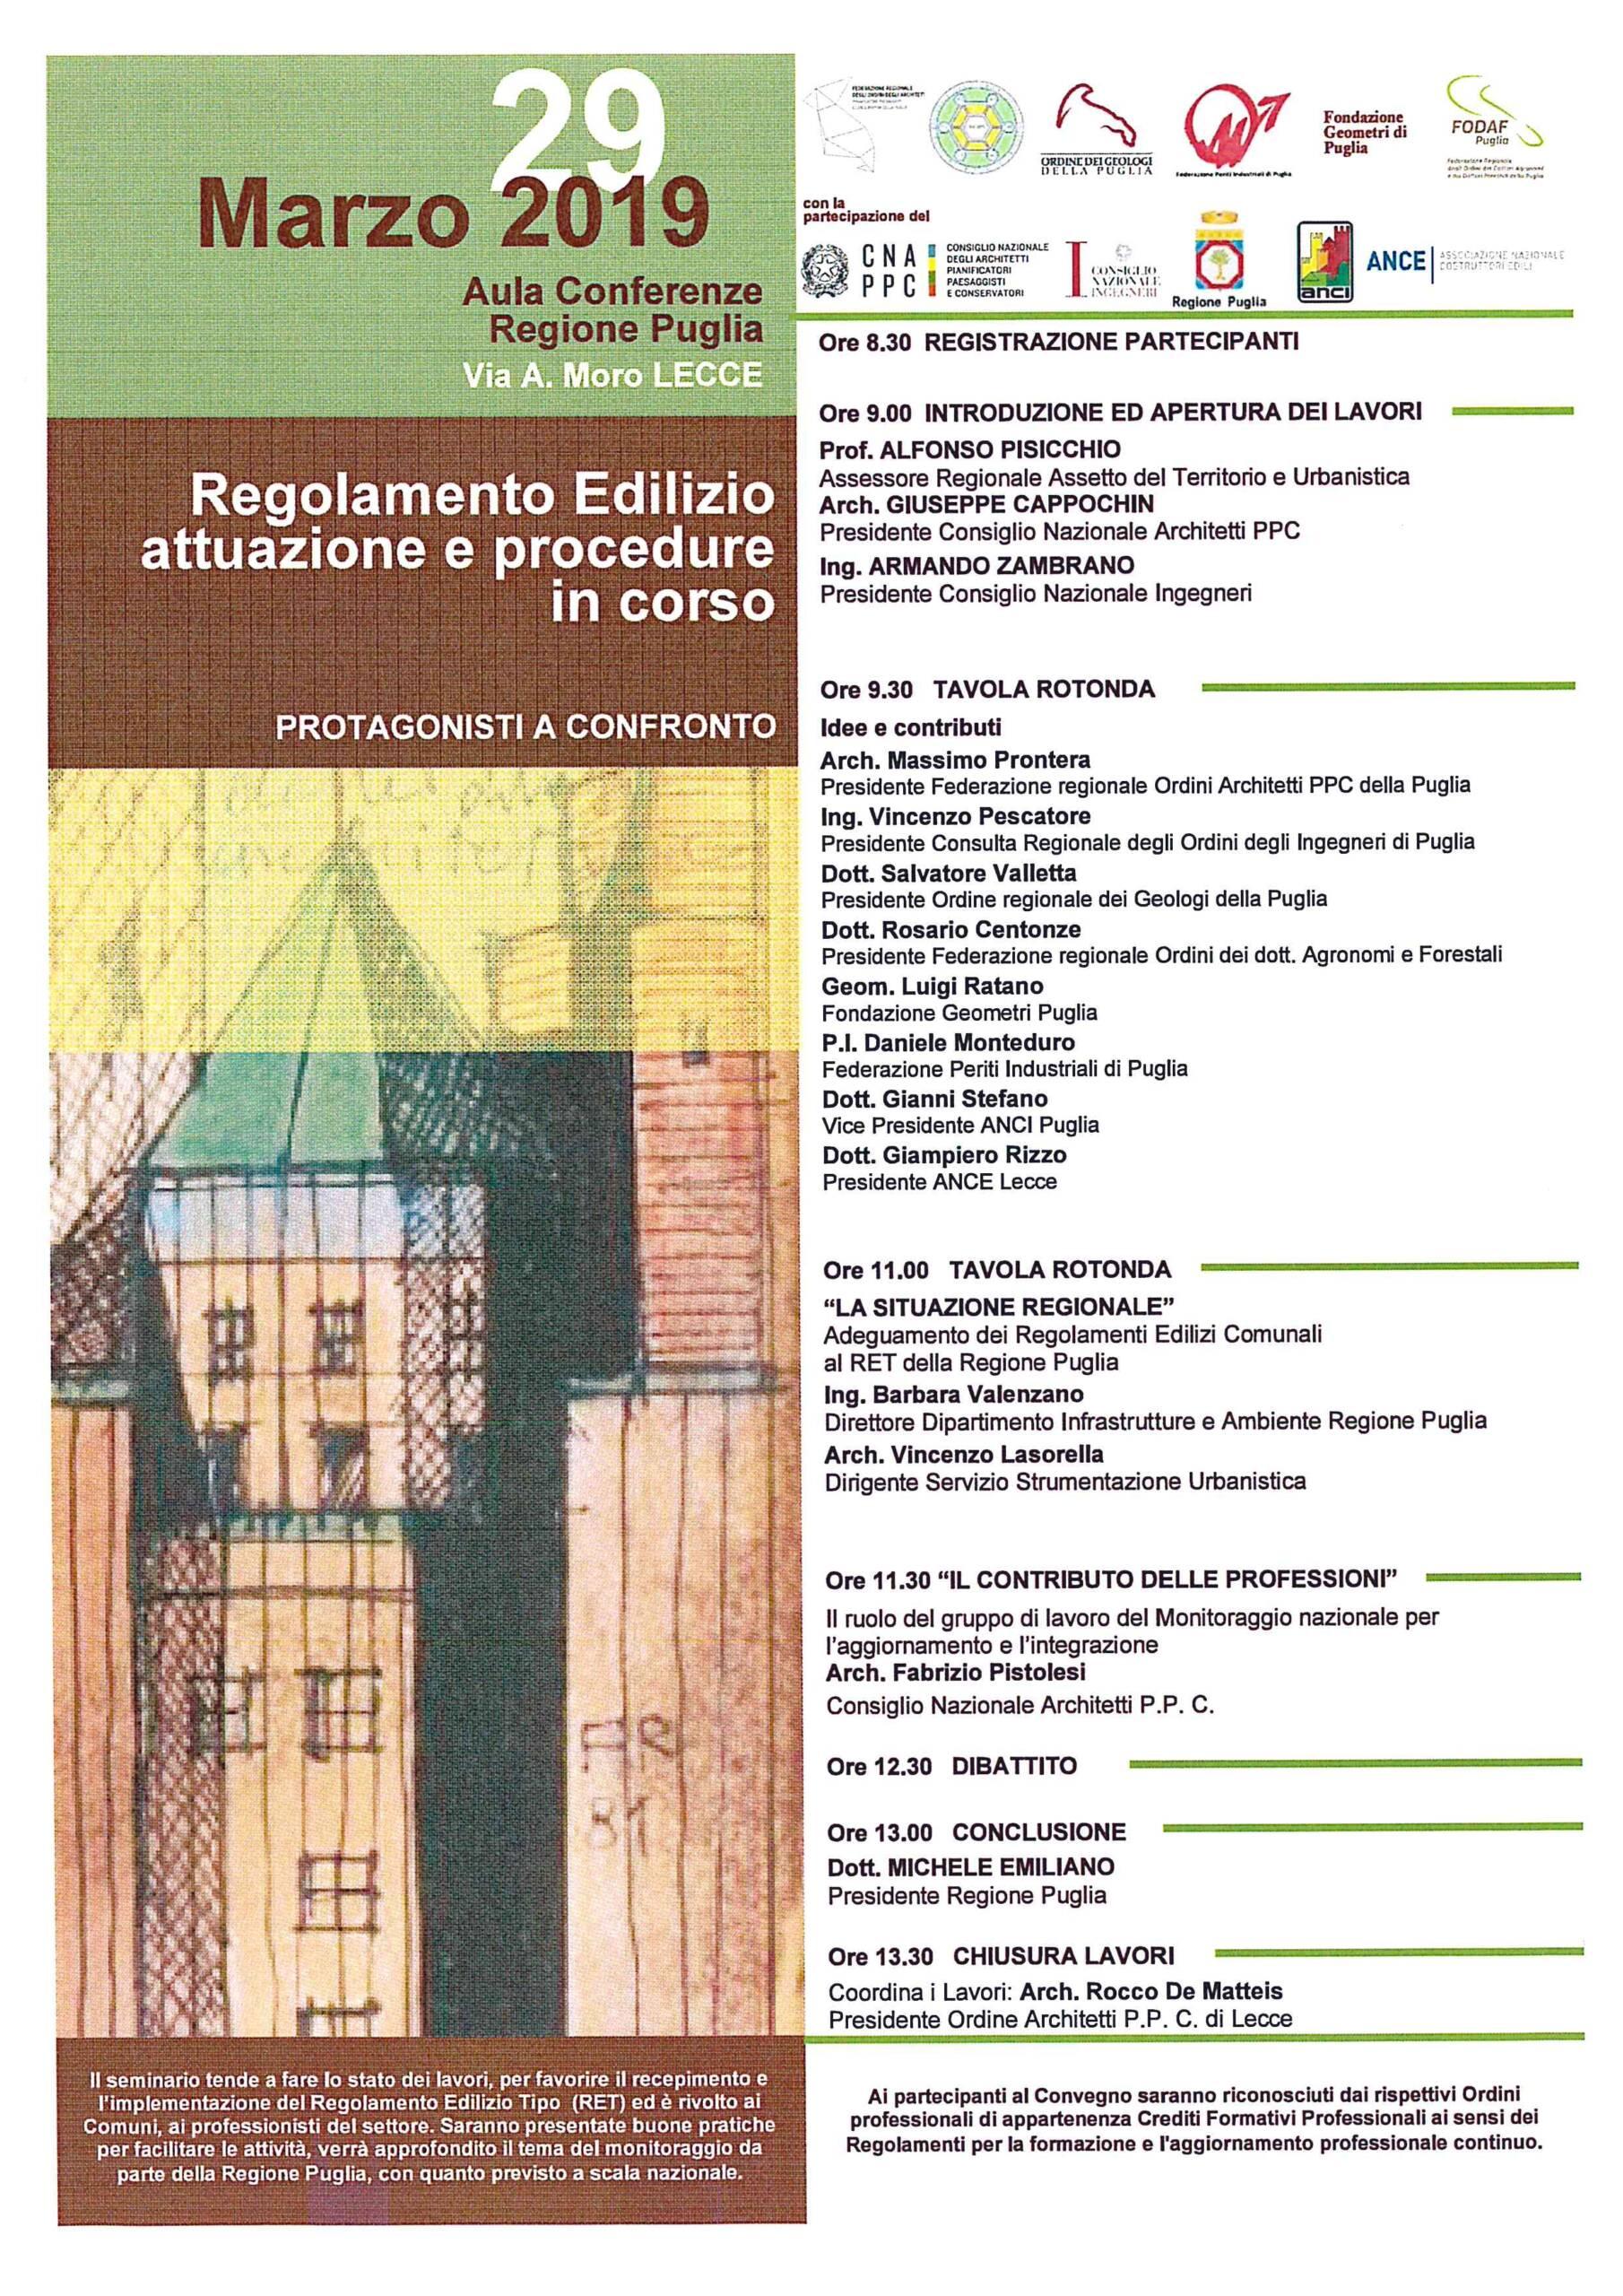 """Convegno """"Regolamento Edilizio – attuazione e procedure in corso – PROTAGONISTI A CONFRONTO"""" – Lecce 29-03-2019"""